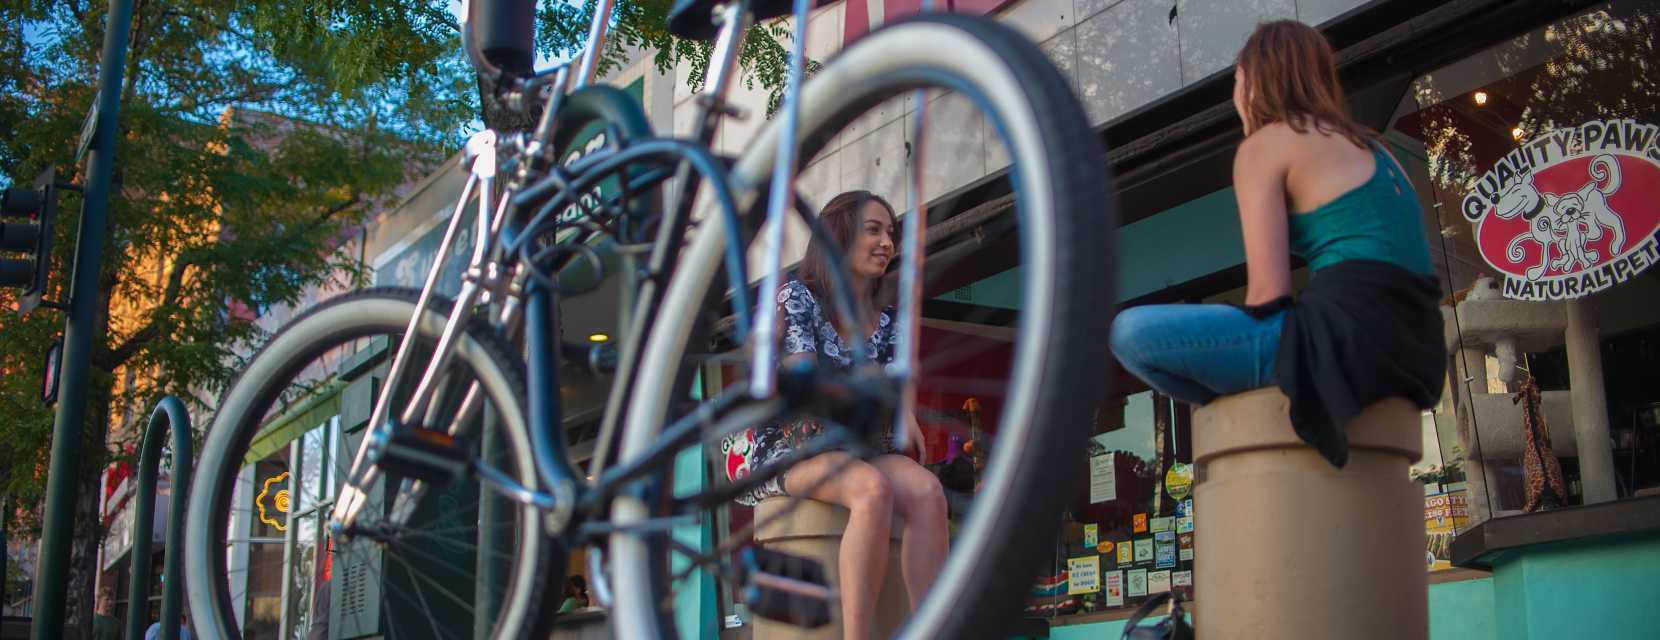 south-broadway-bike